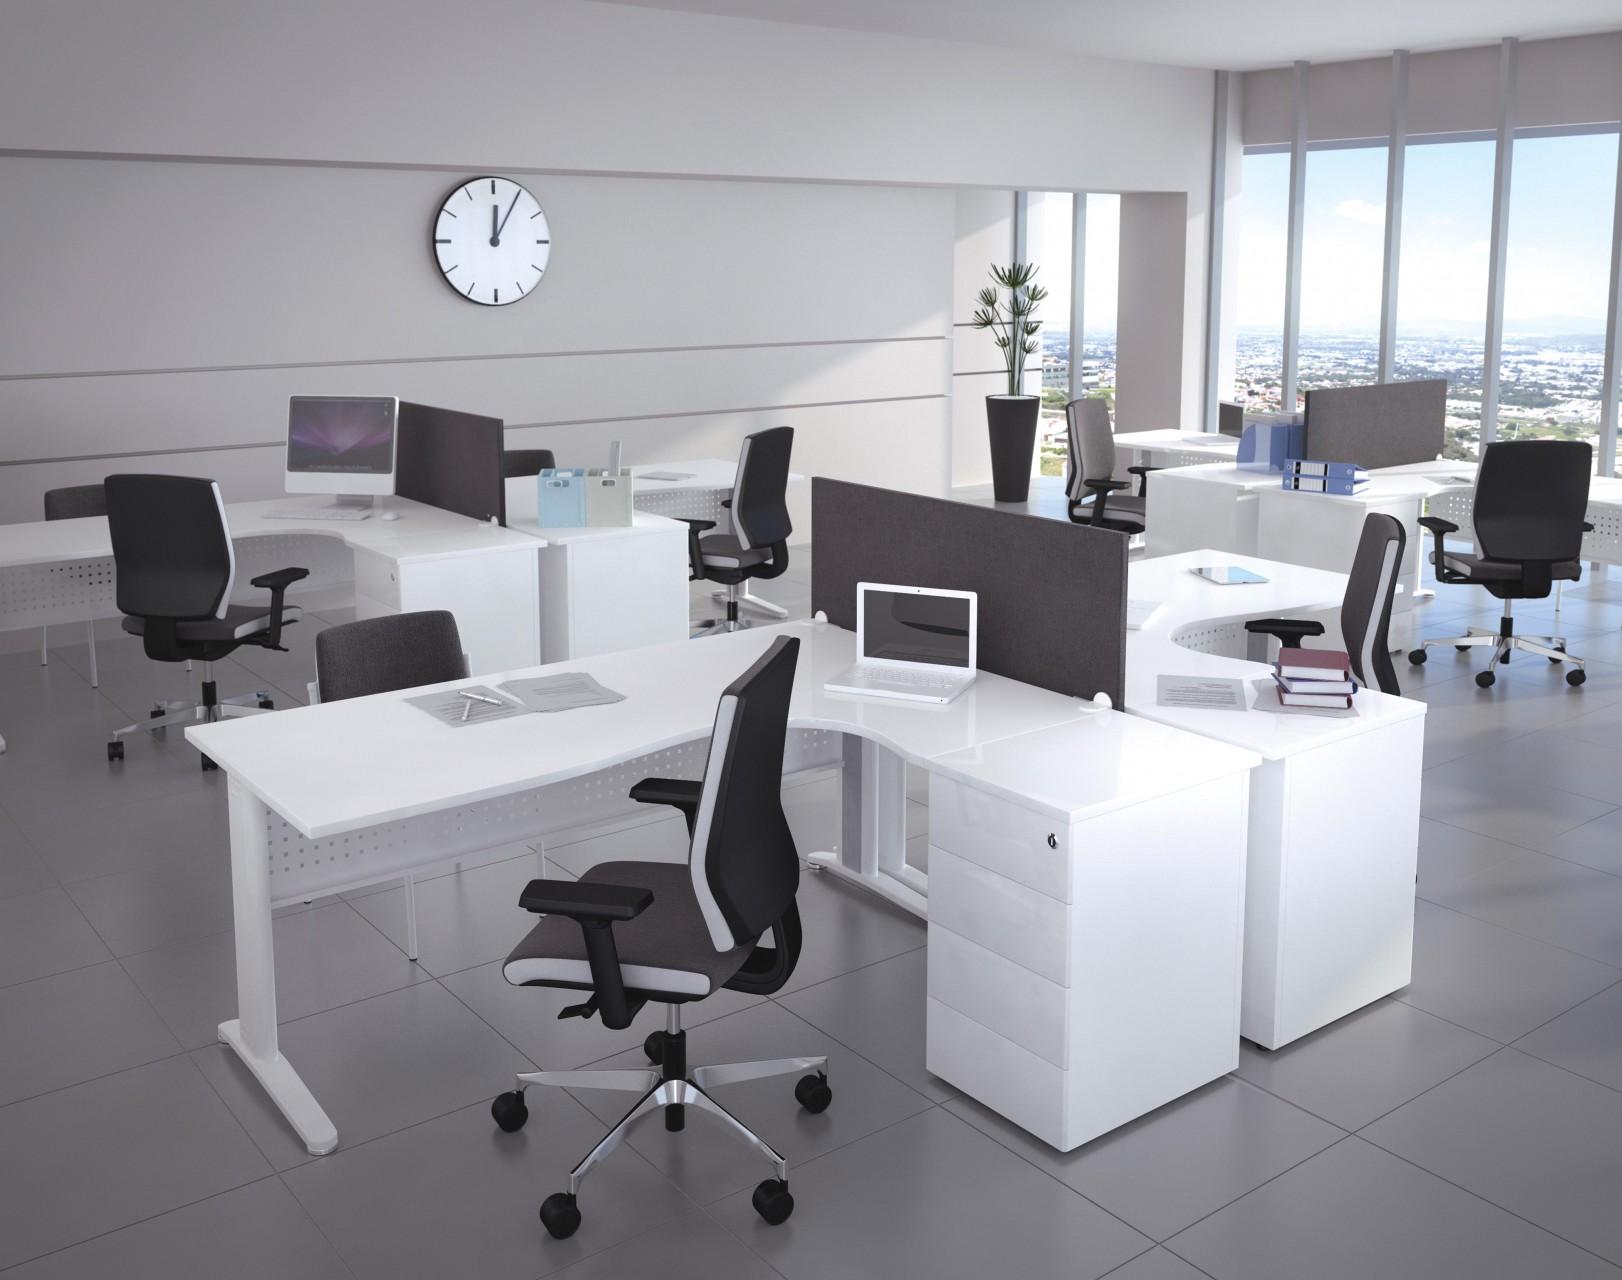 caisson hauteur bureau m tal achat caisson hauteur bureau 359 00. Black Bedroom Furniture Sets. Home Design Ideas